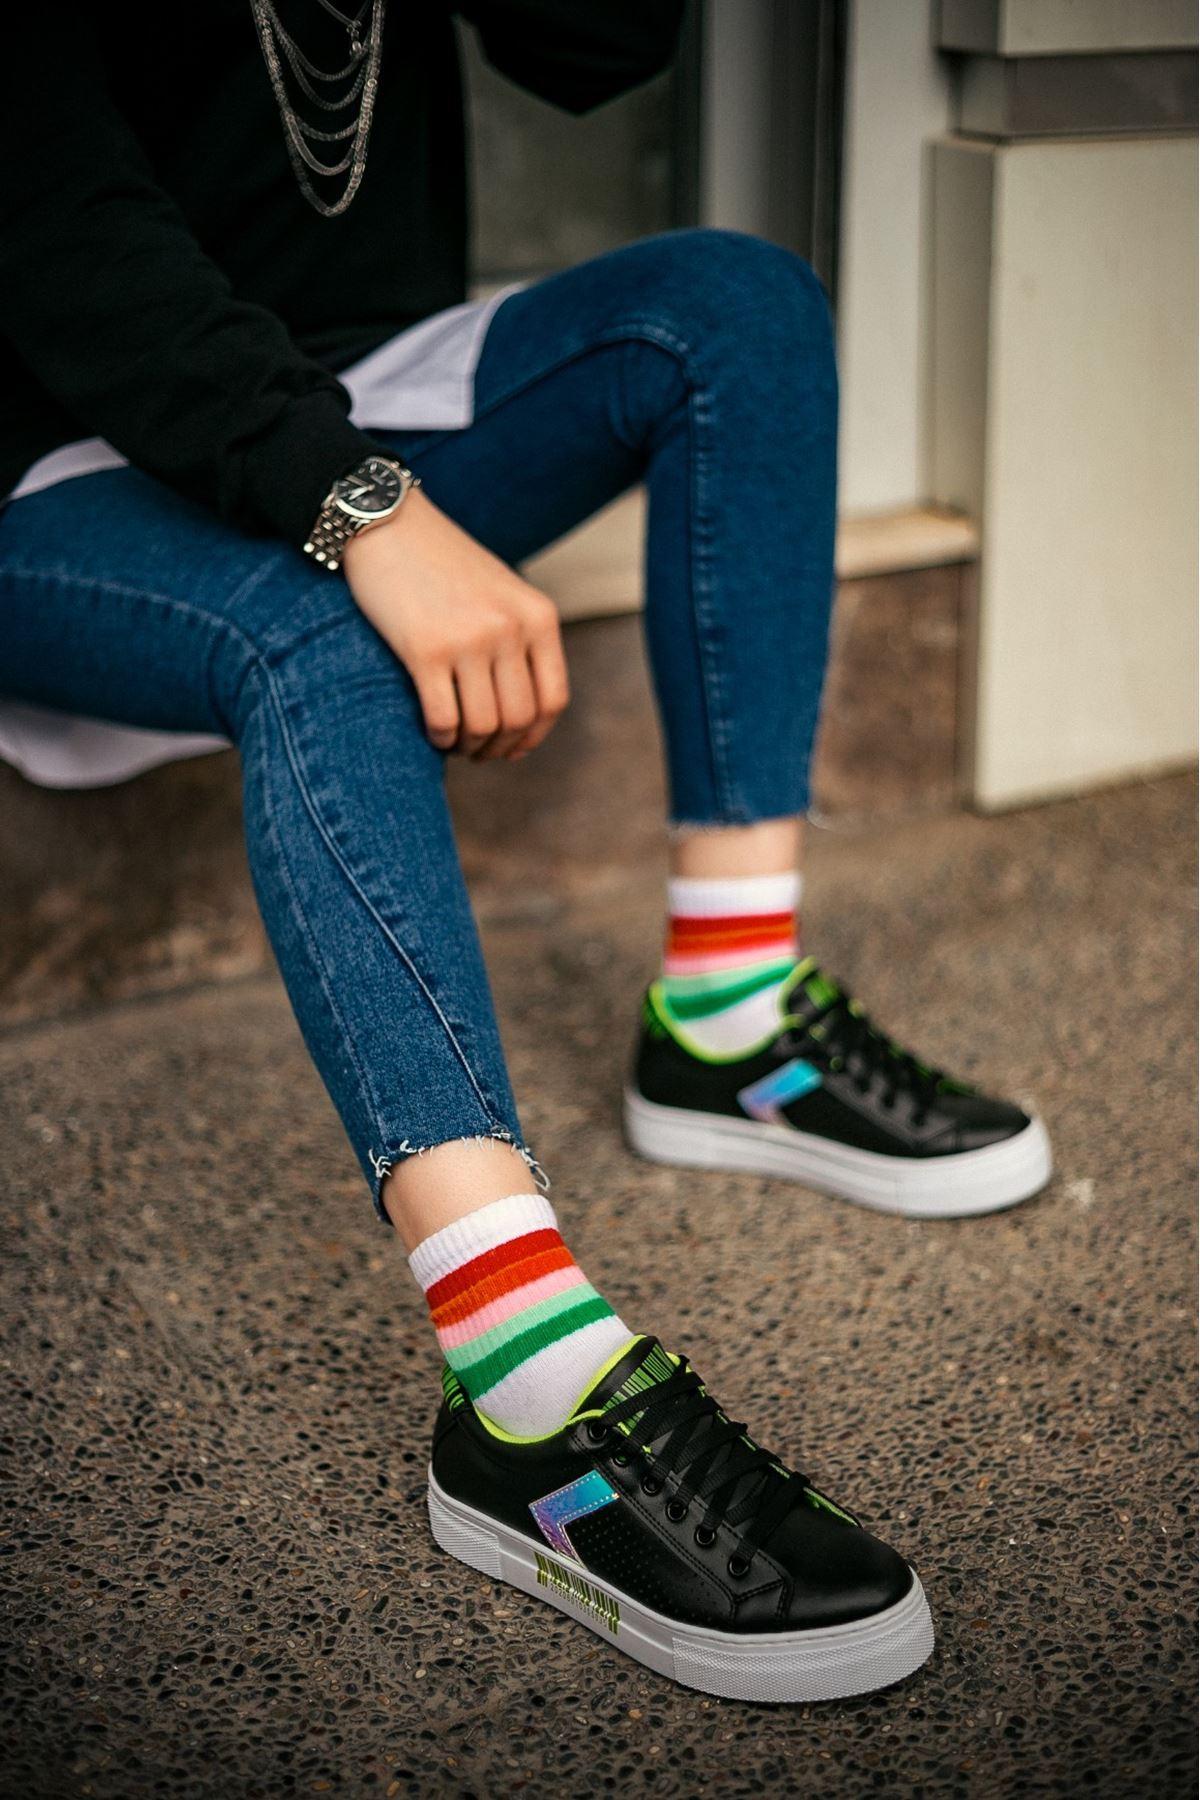 Senyt Siyah Cilt Yeşil Detaylı Spor Ayakkabı